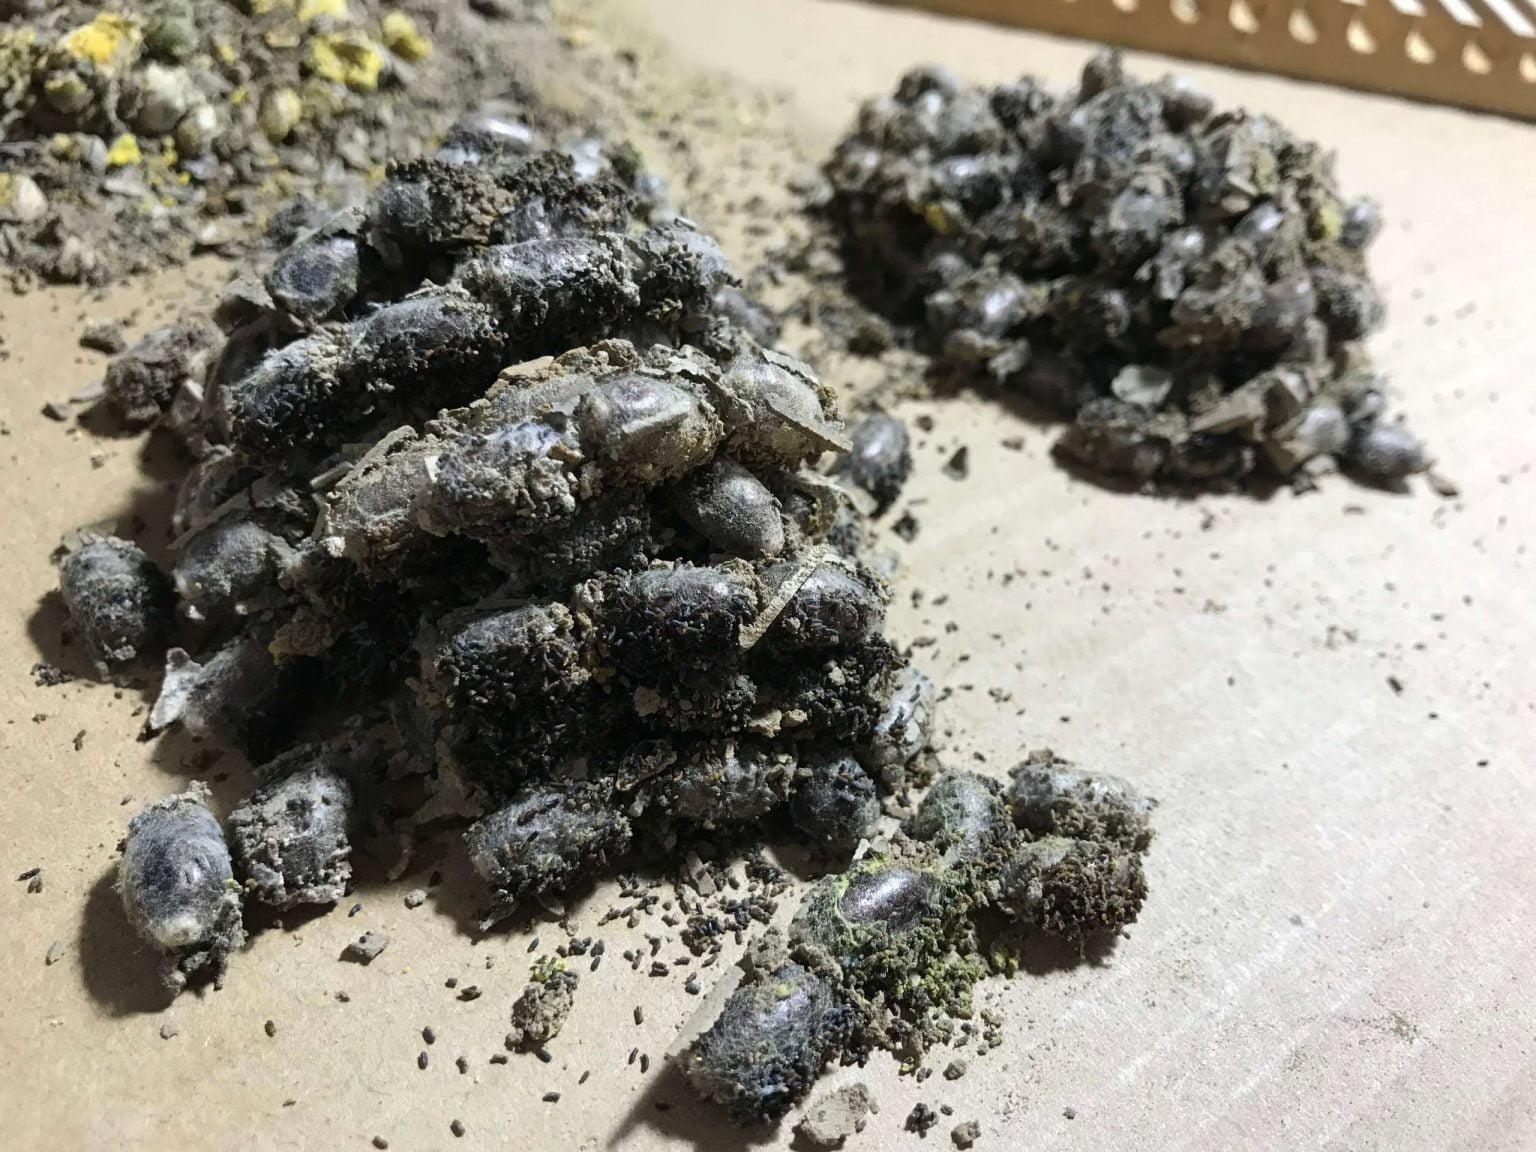 Ungewaschene Mauerbienenkokons mit Kot und Lehm; Rostrote Mauerbiene Osmia bicornis